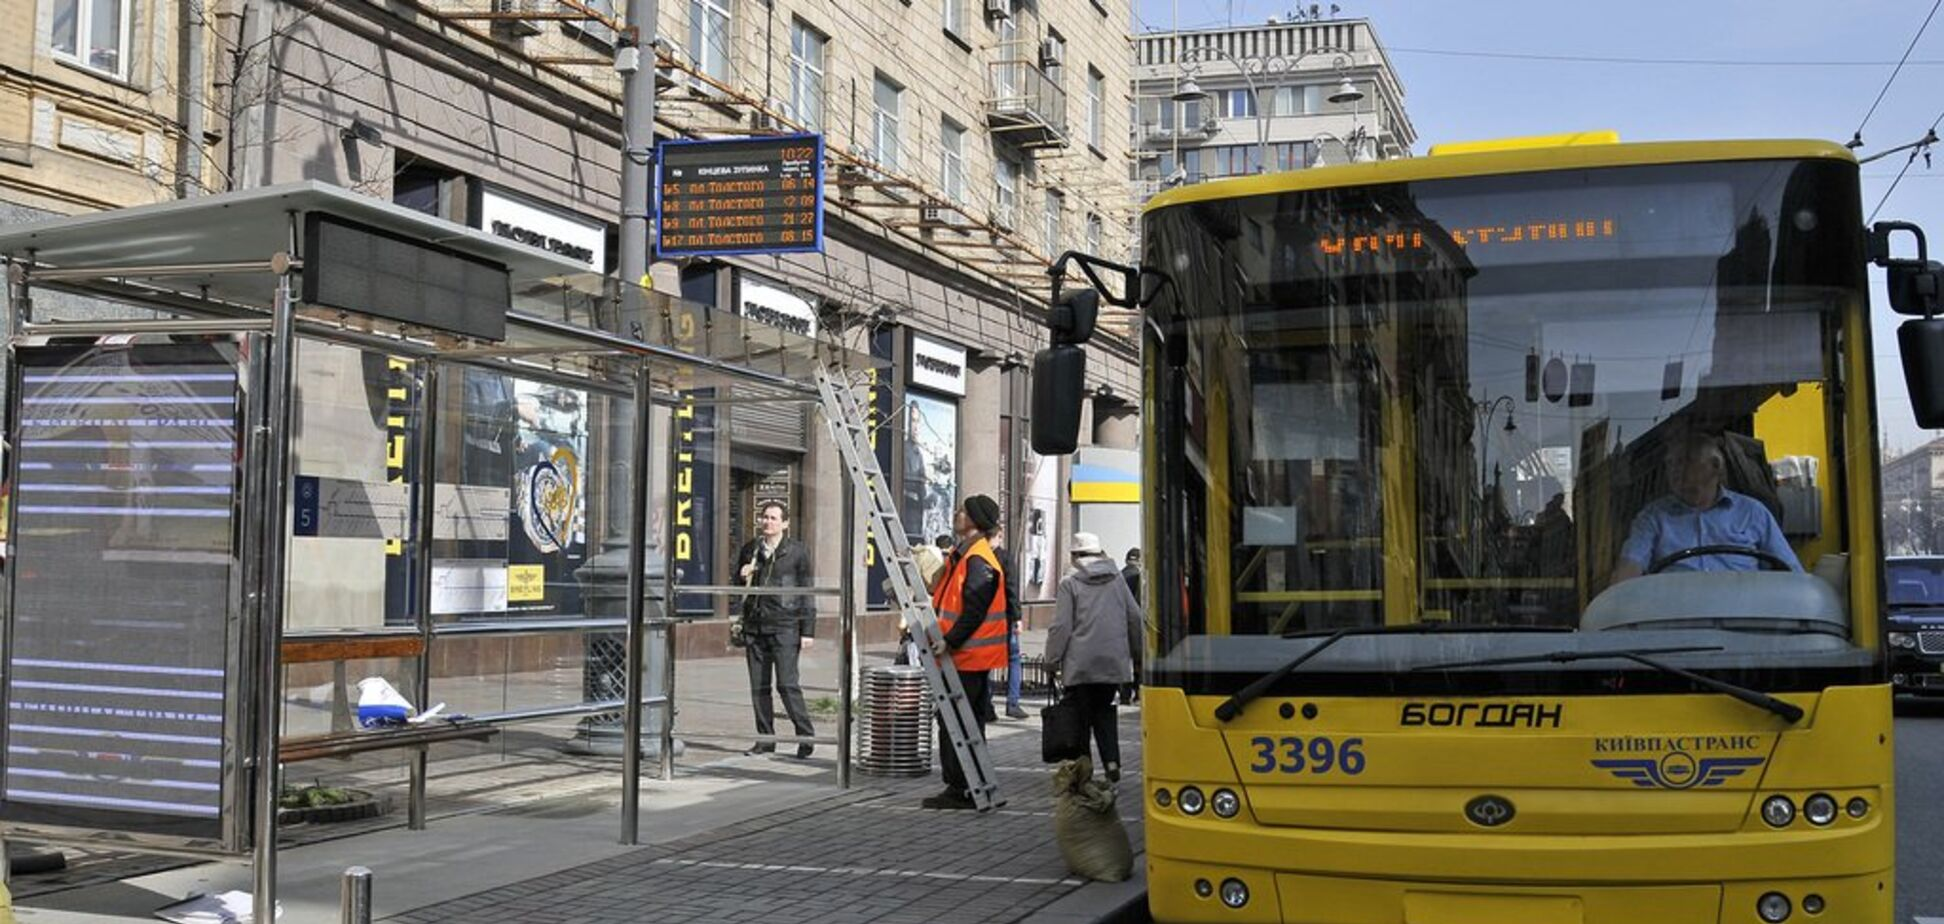 Дела столичные: что изменилось в Киеве после Революции Достоинства?